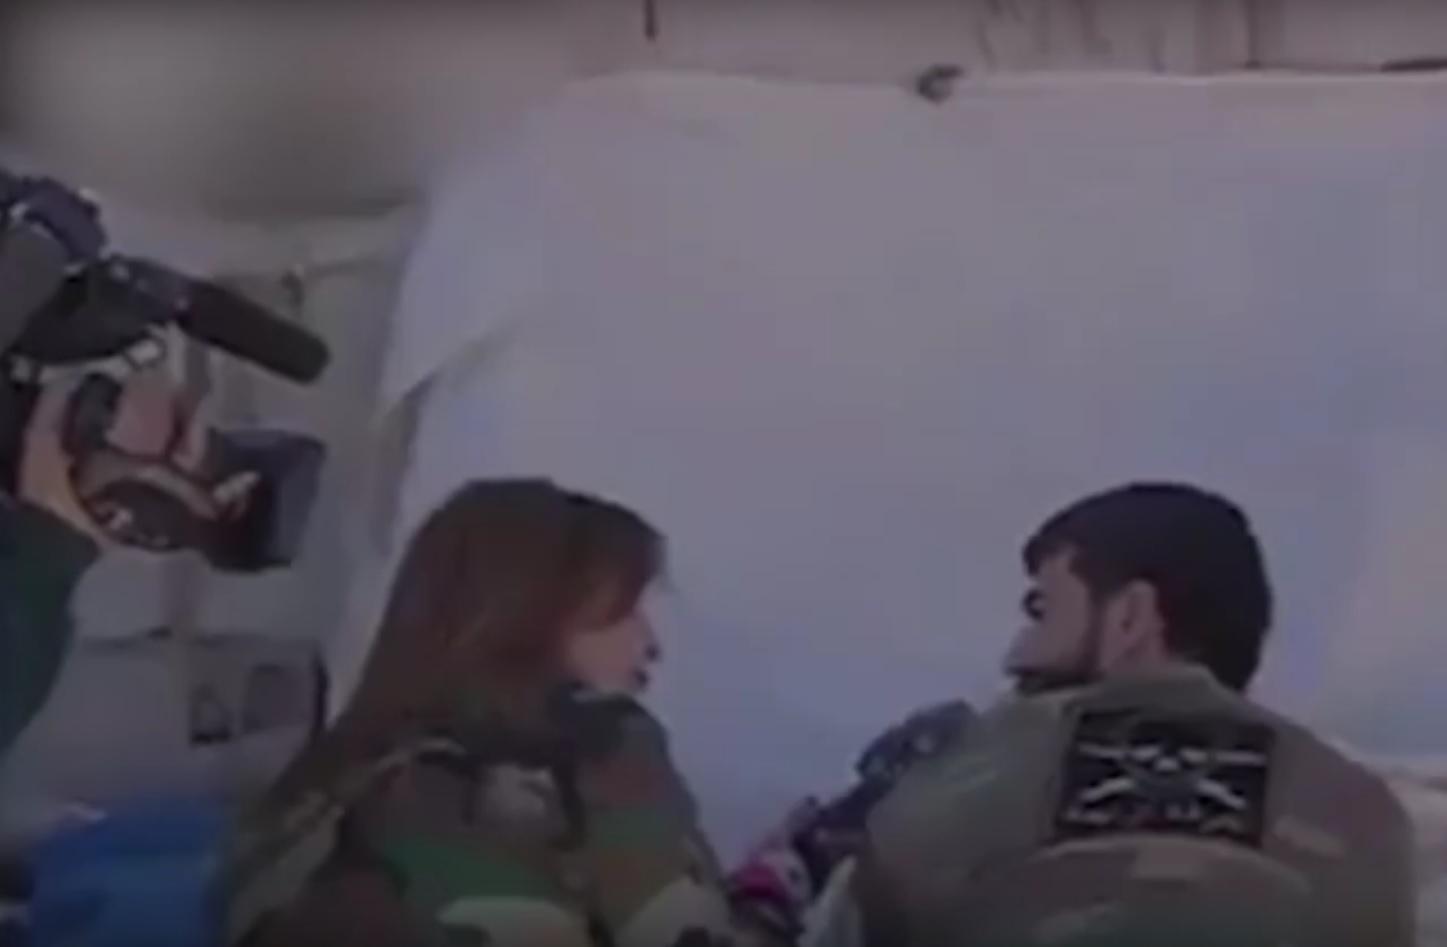 VIDEO: UZNEMIRUJUĆE - Za vrijeme intervjua čuli su se pucnji, a onda - drama